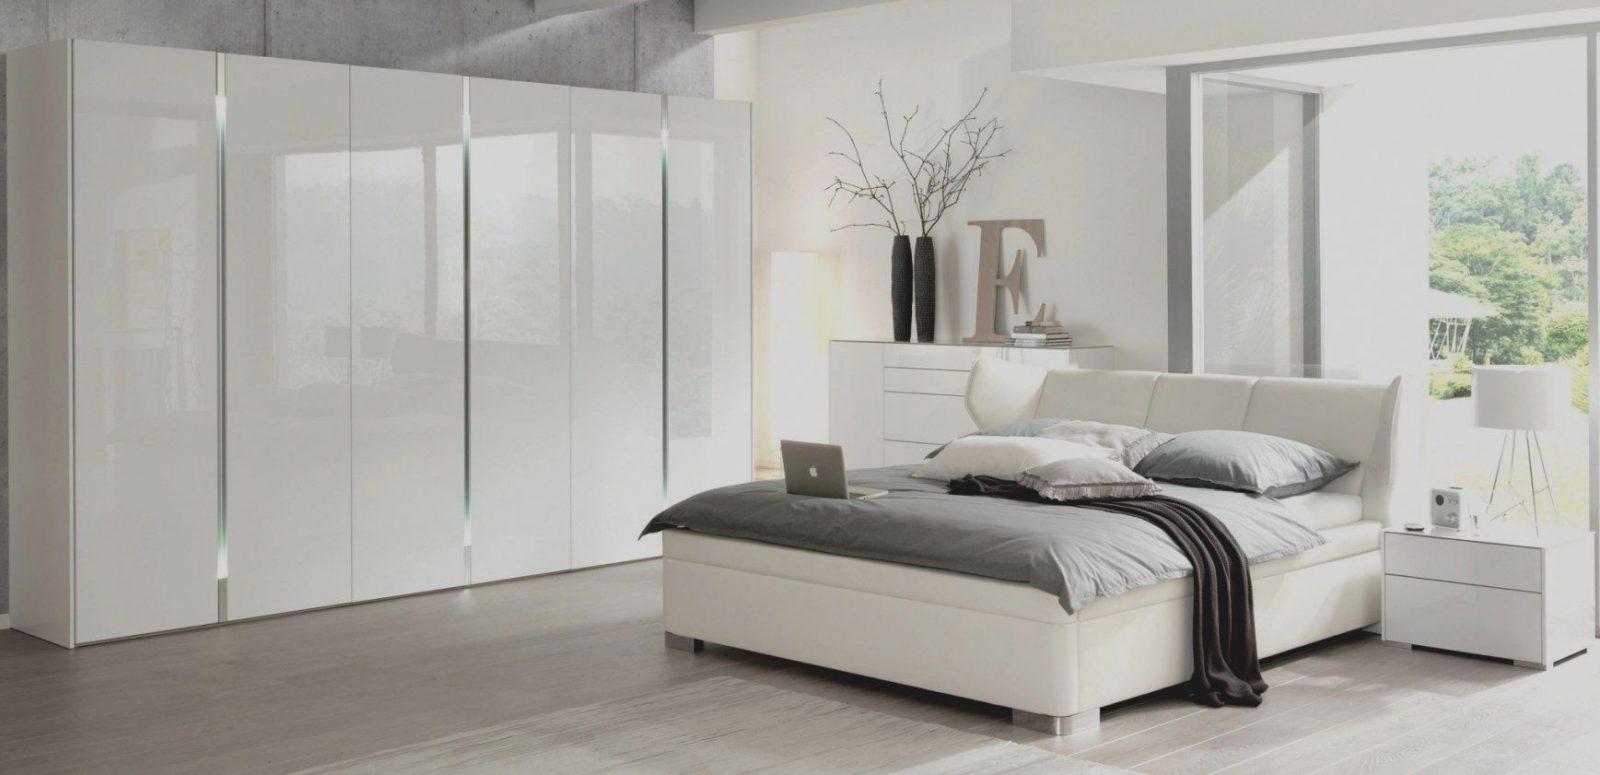 Bilder Von 15 Ideen Fur Schlafzimmer Komplettset Einrichtung von Schlafzimmer In Weiß Einrichten Photo